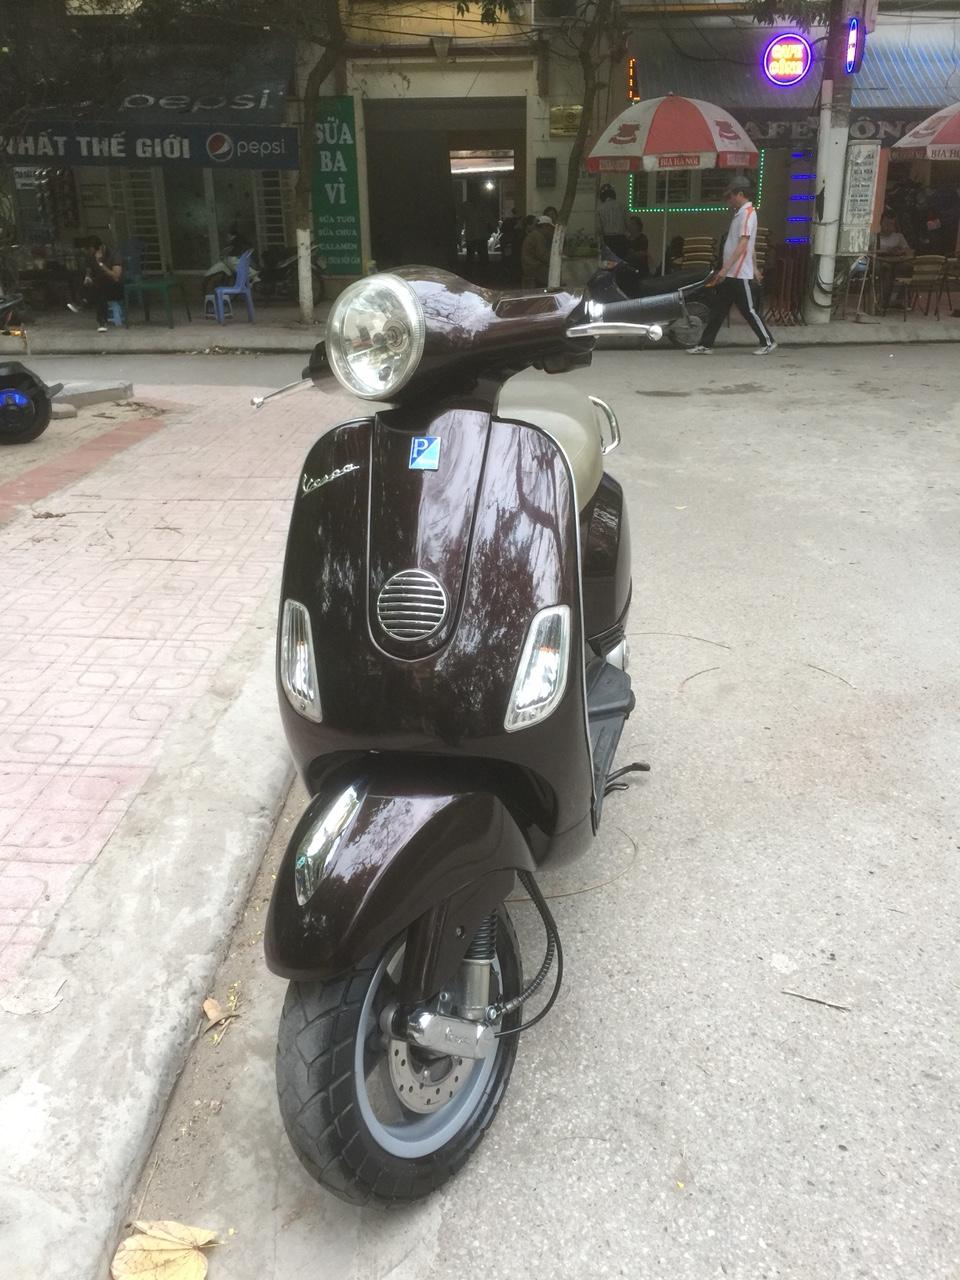 Ban Vespa Lx 125ie 2012 Nau tim chinh chu dung nguyen ban 27tr - 2